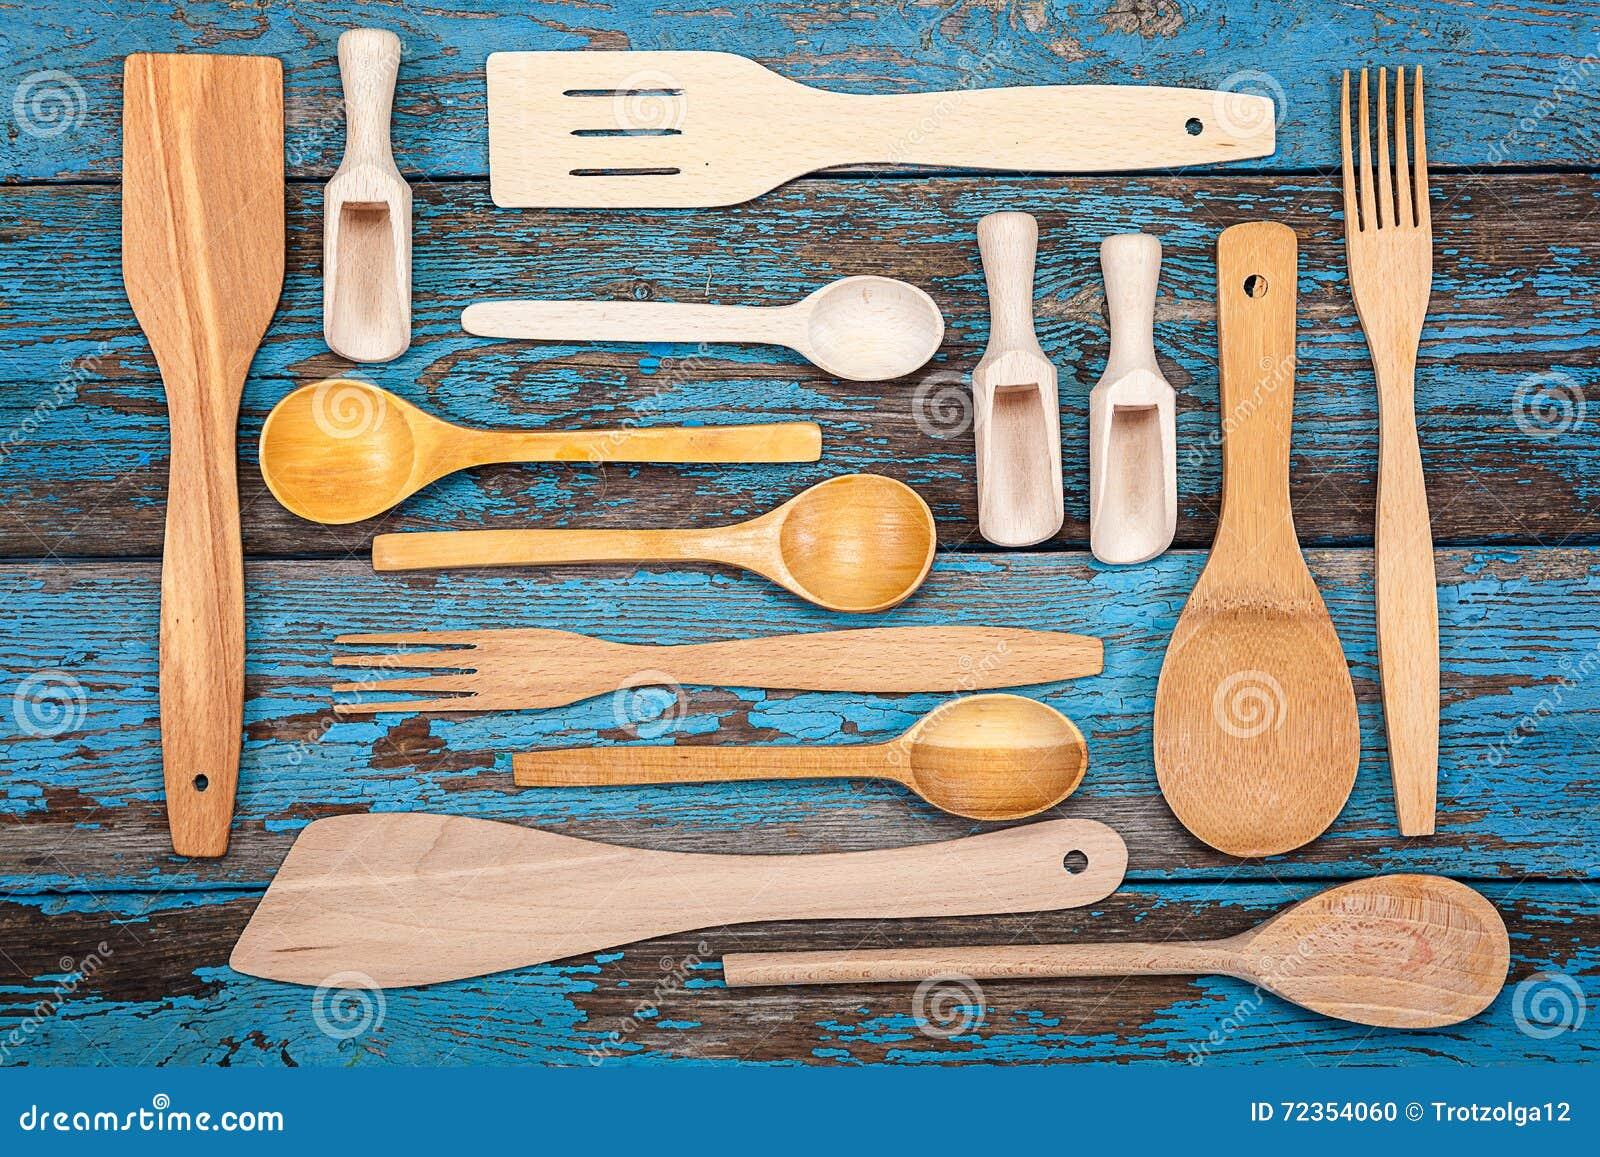 Fije Los Utensilios De La Cocina Accesorios Para Cocinar Foto De